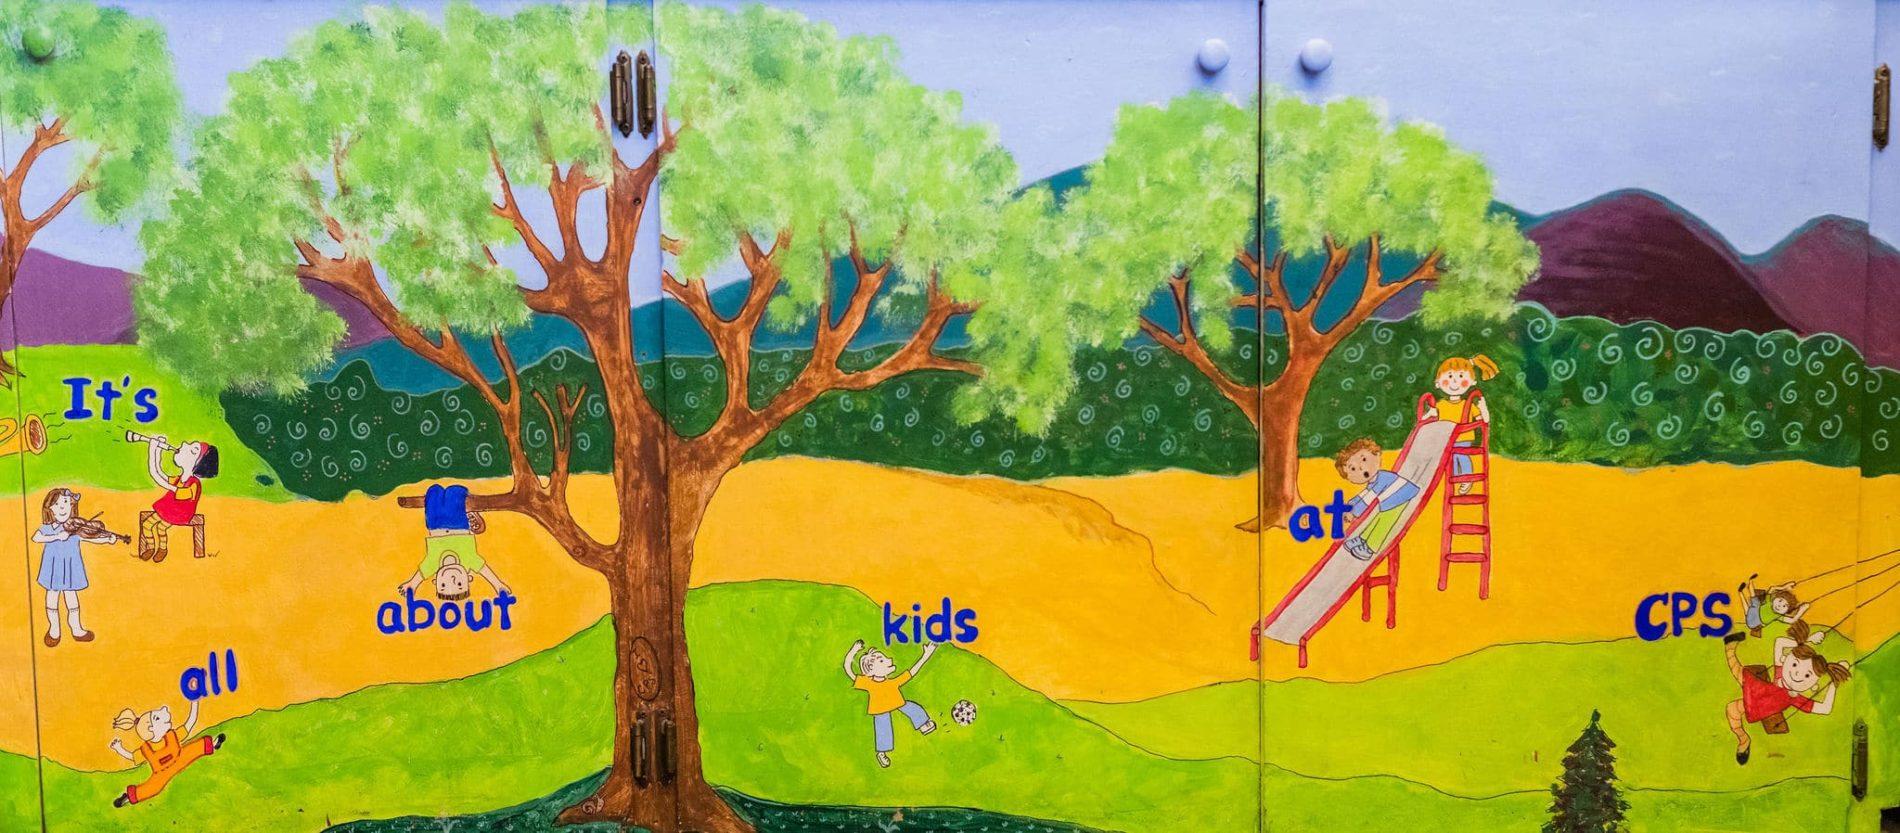 duckies mural